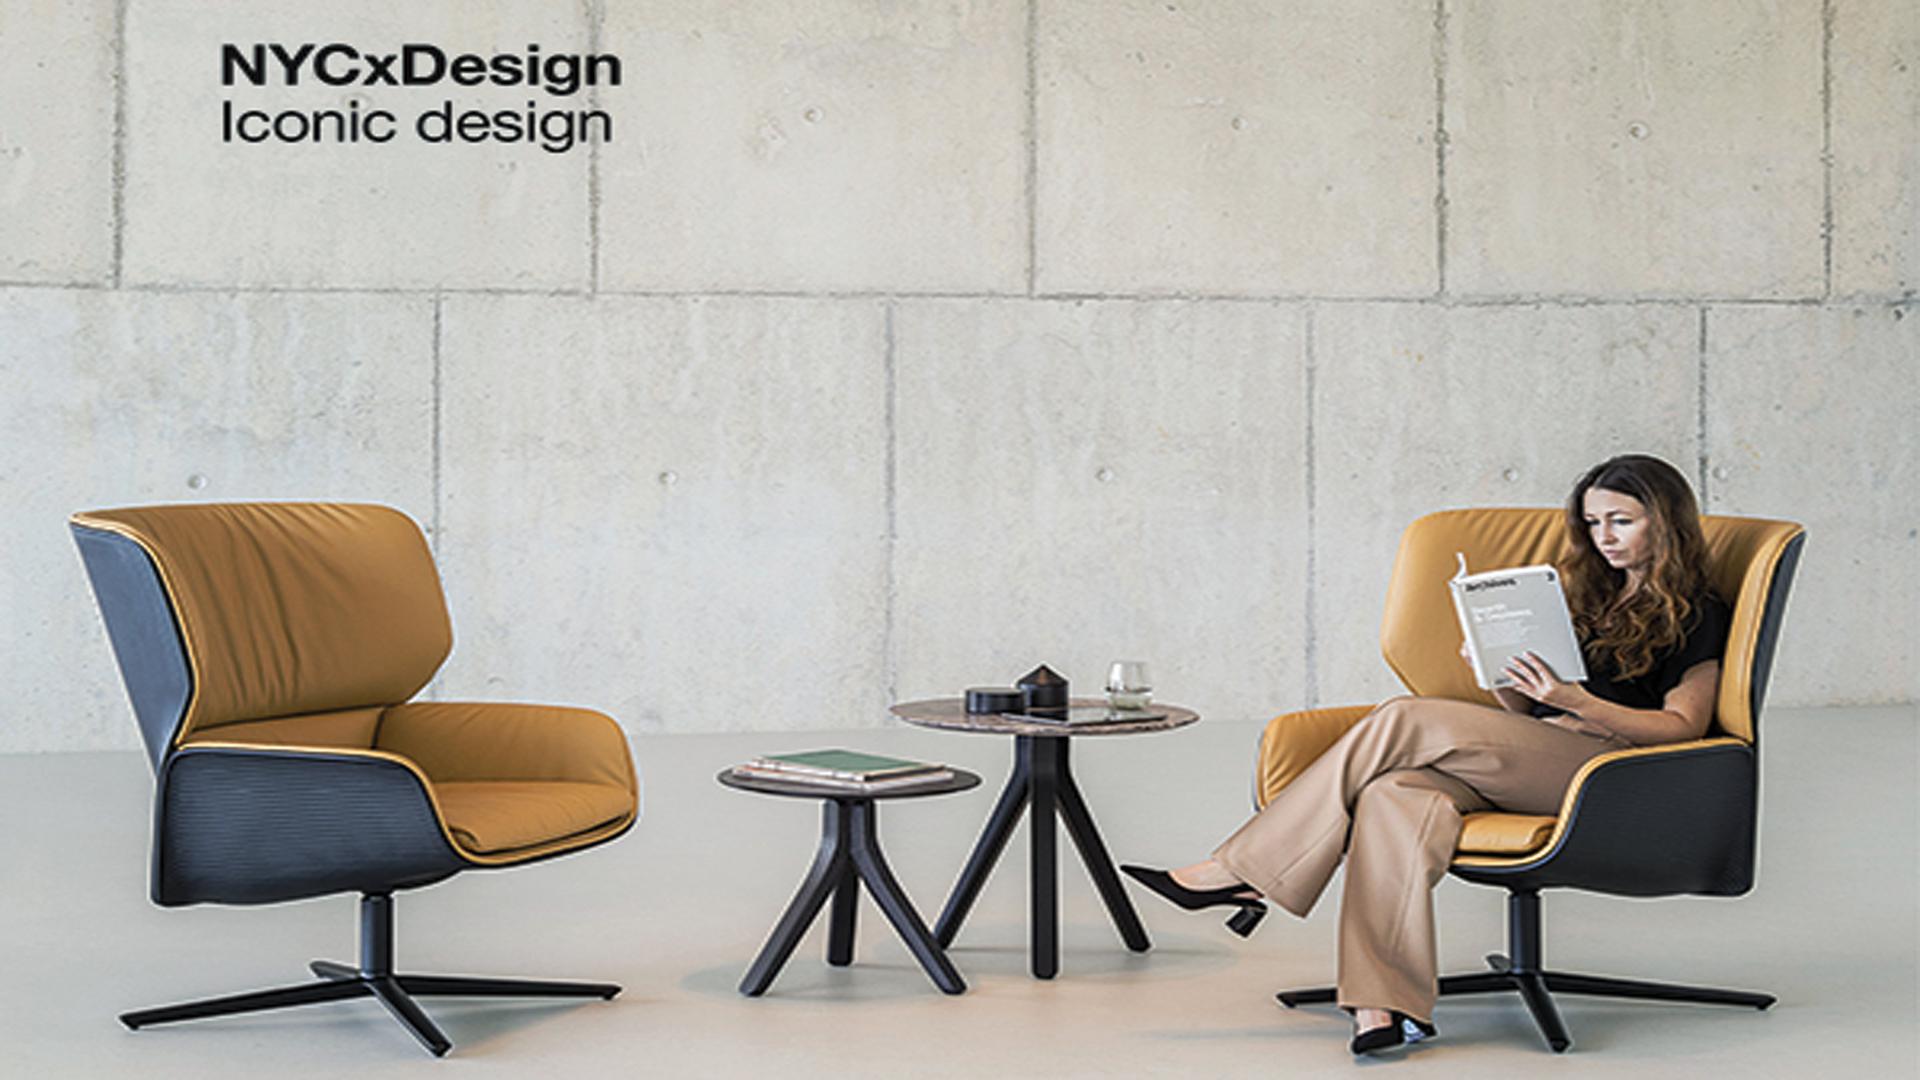 """Nuez Lounge BIO de Andreu World ha sido reconocido como el mejor """"Diseño Icónico"""" en los Premios NYCxDESIGN"""